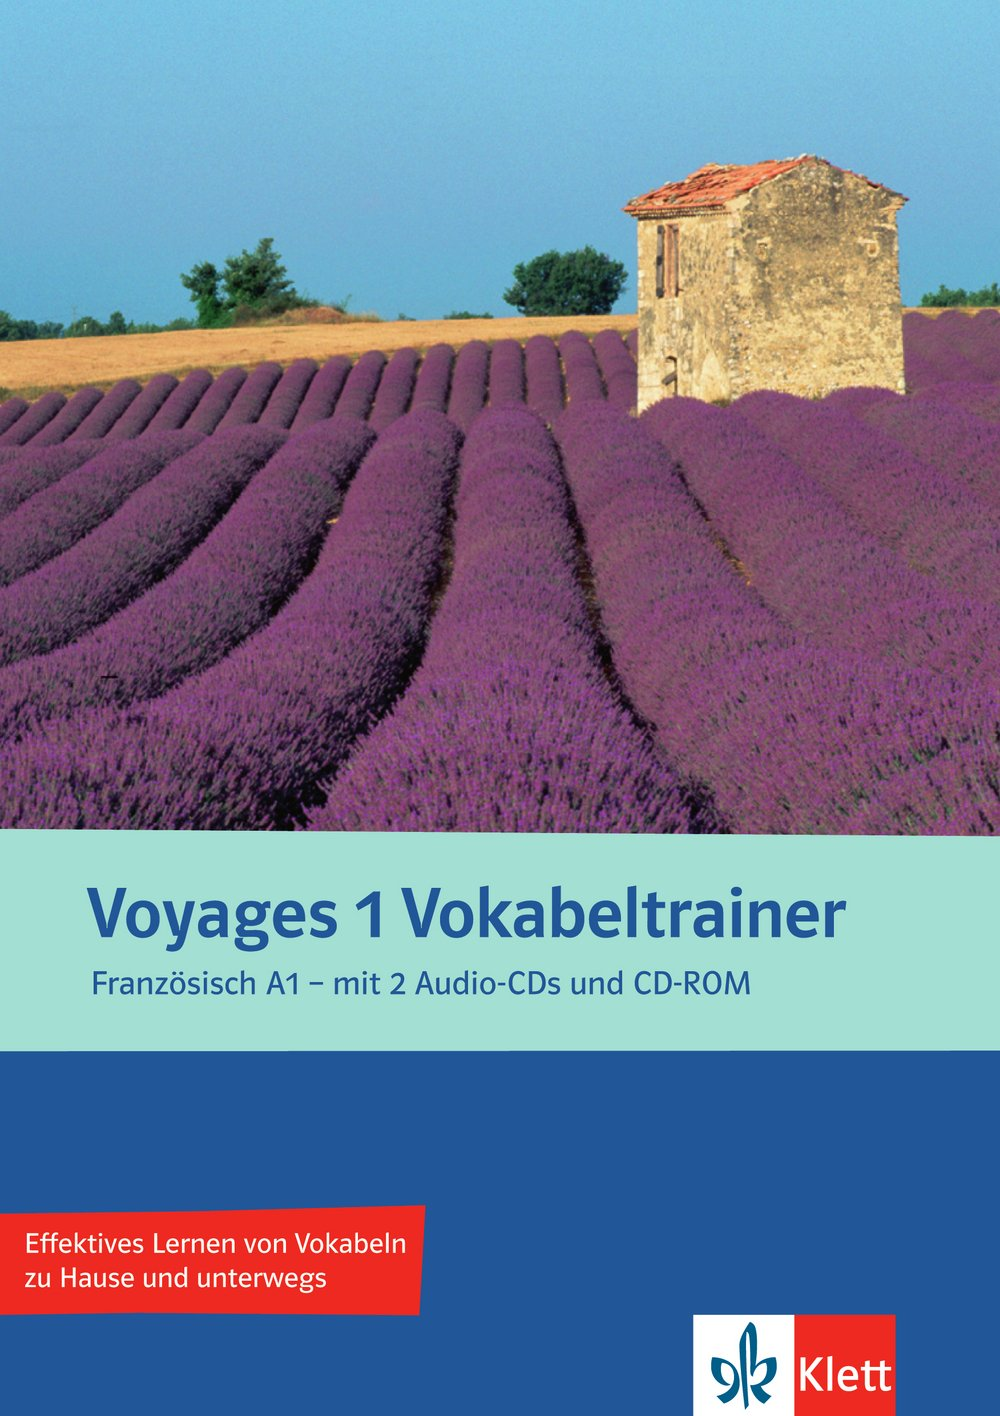 Voyages 1 Vokabeltrainer: Französisch für Erwachsene. Vokabelheft + 2 Audio-CDs + CD-ROM (PC/Mac)